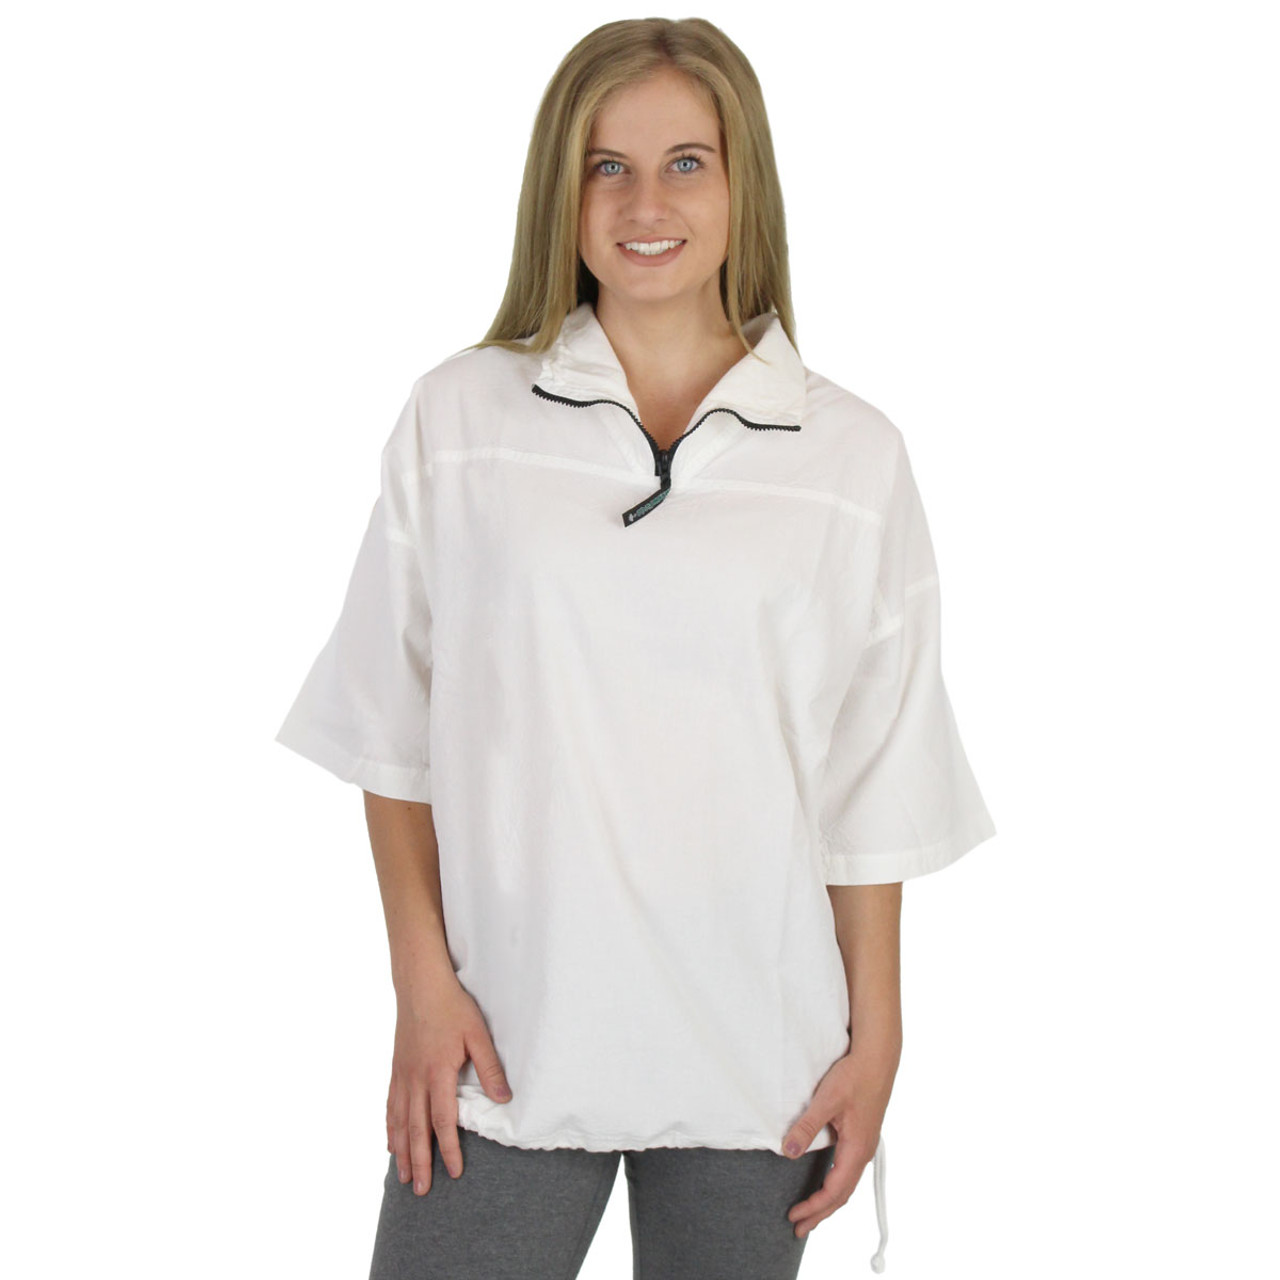 1b55d618a Honeykomb Cotton Short Sleeve Zip Top